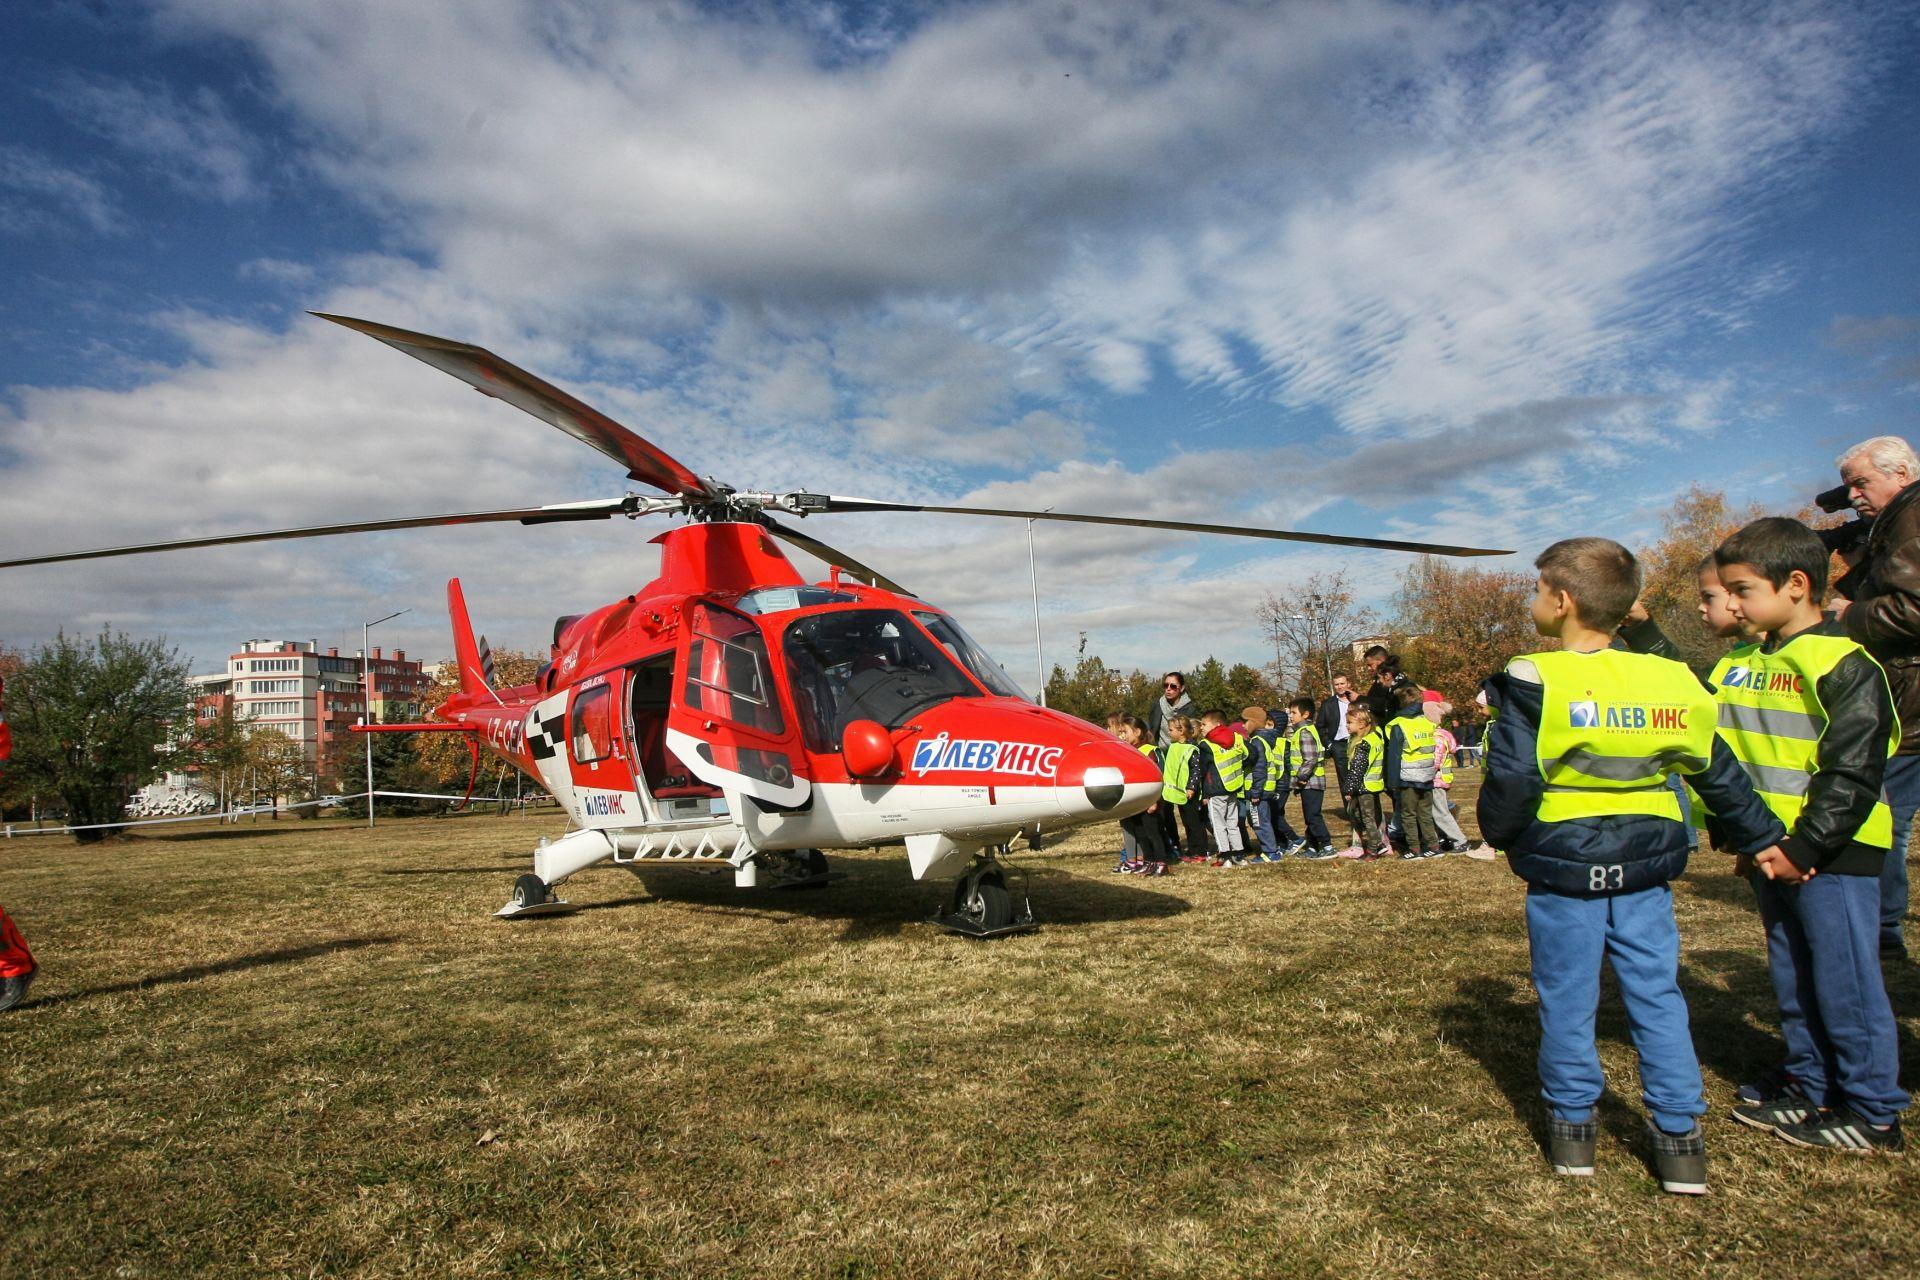 """демонстрация на живо с пристигане и кацане на единствения животоспасяващ хеликоптер в България - този на ЗК """"Лев Инс"""""""